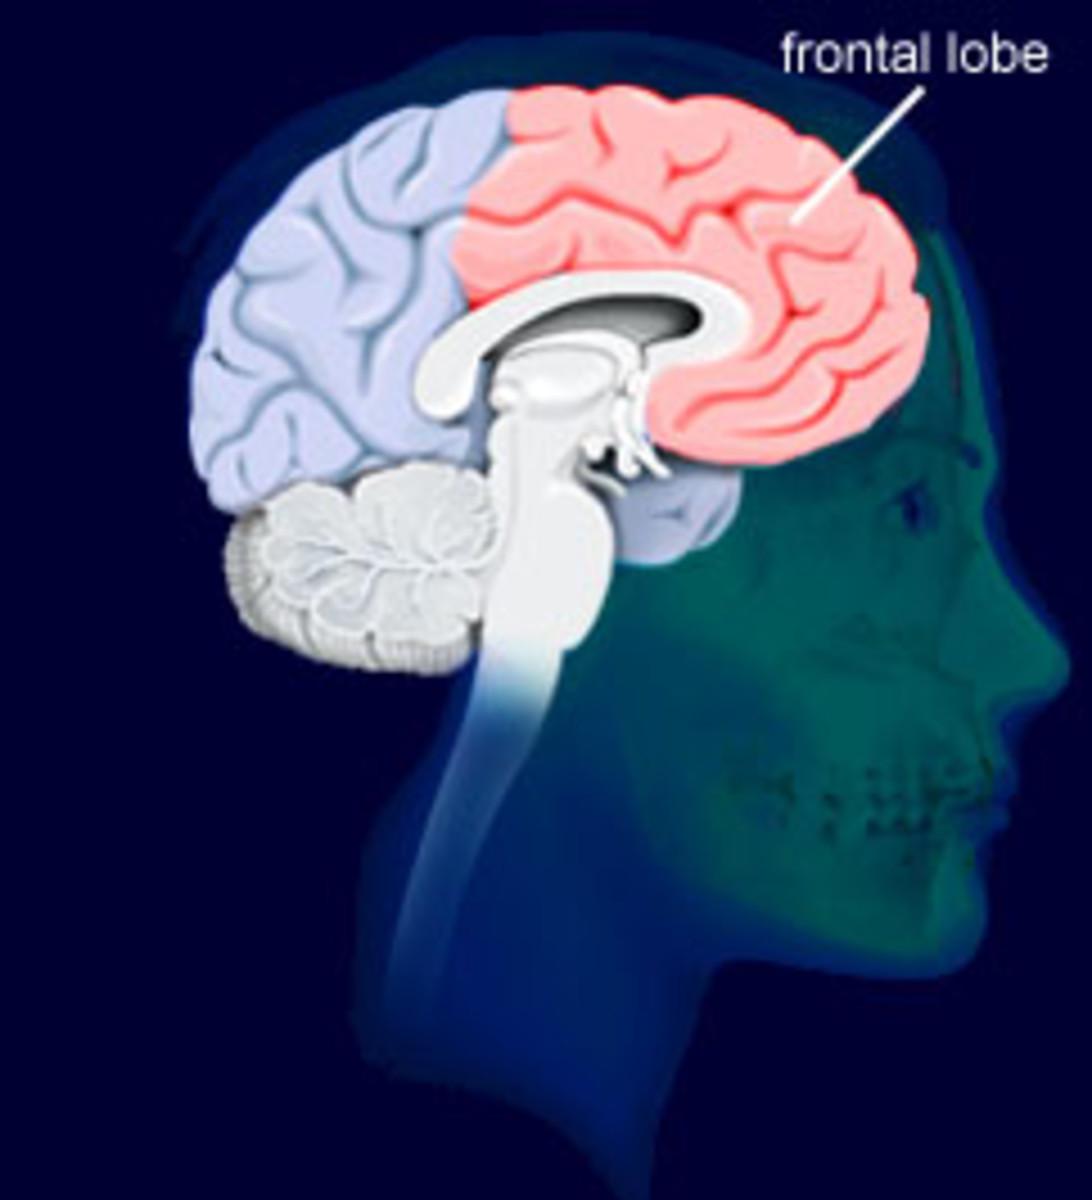 http://www.brainexplorer.org/brain-images/frontal_lobe.jpg